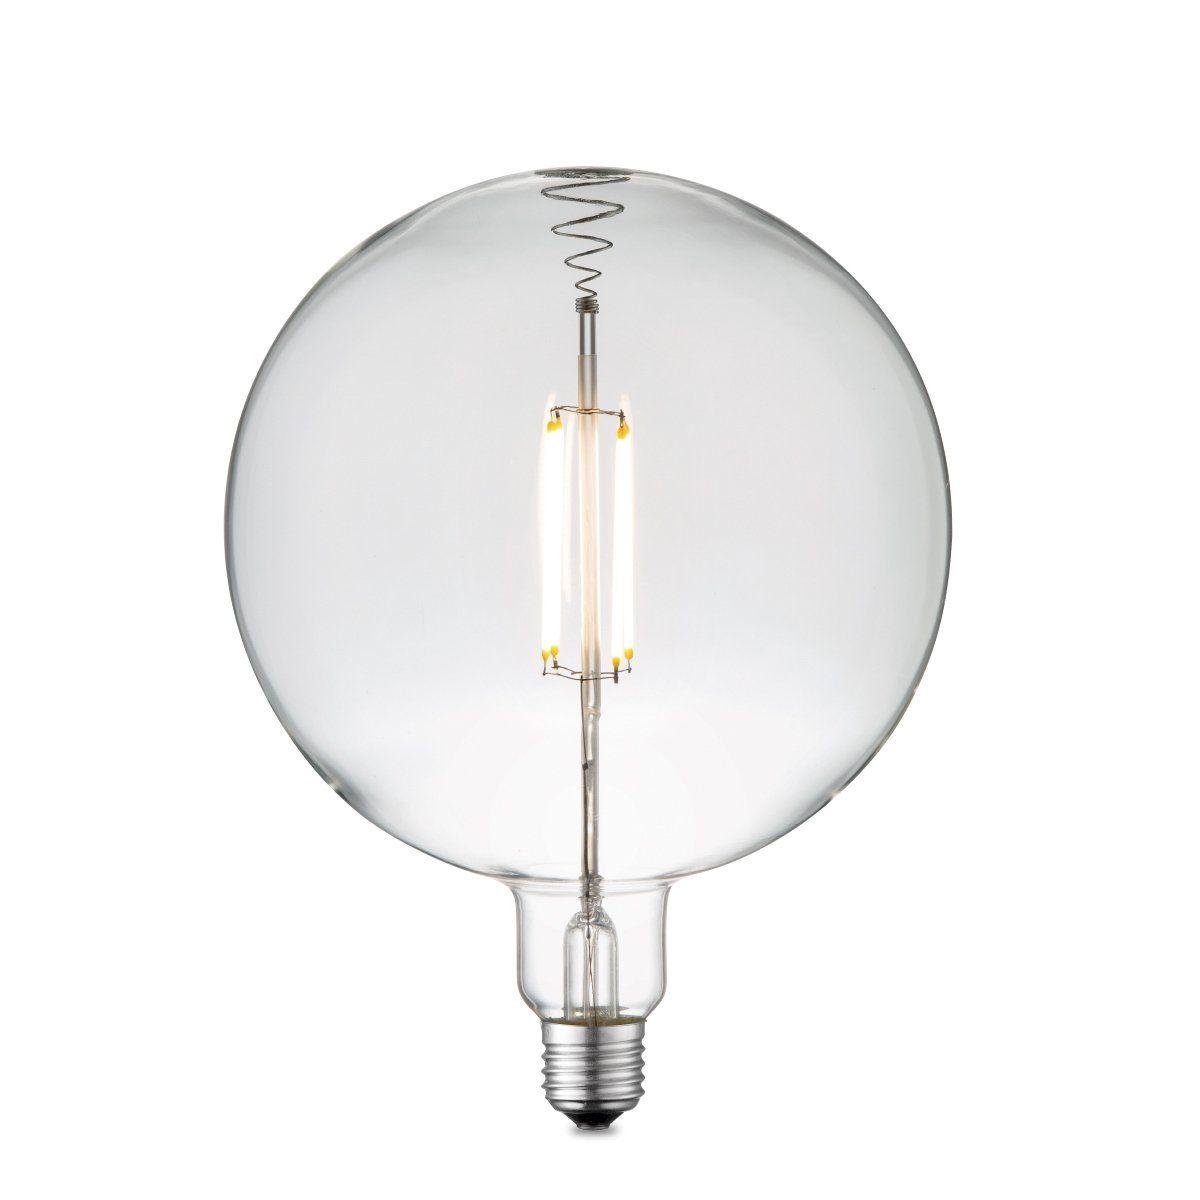 Light depot LED lamp Globe G180 E27 4W dimbaar helder Outlet